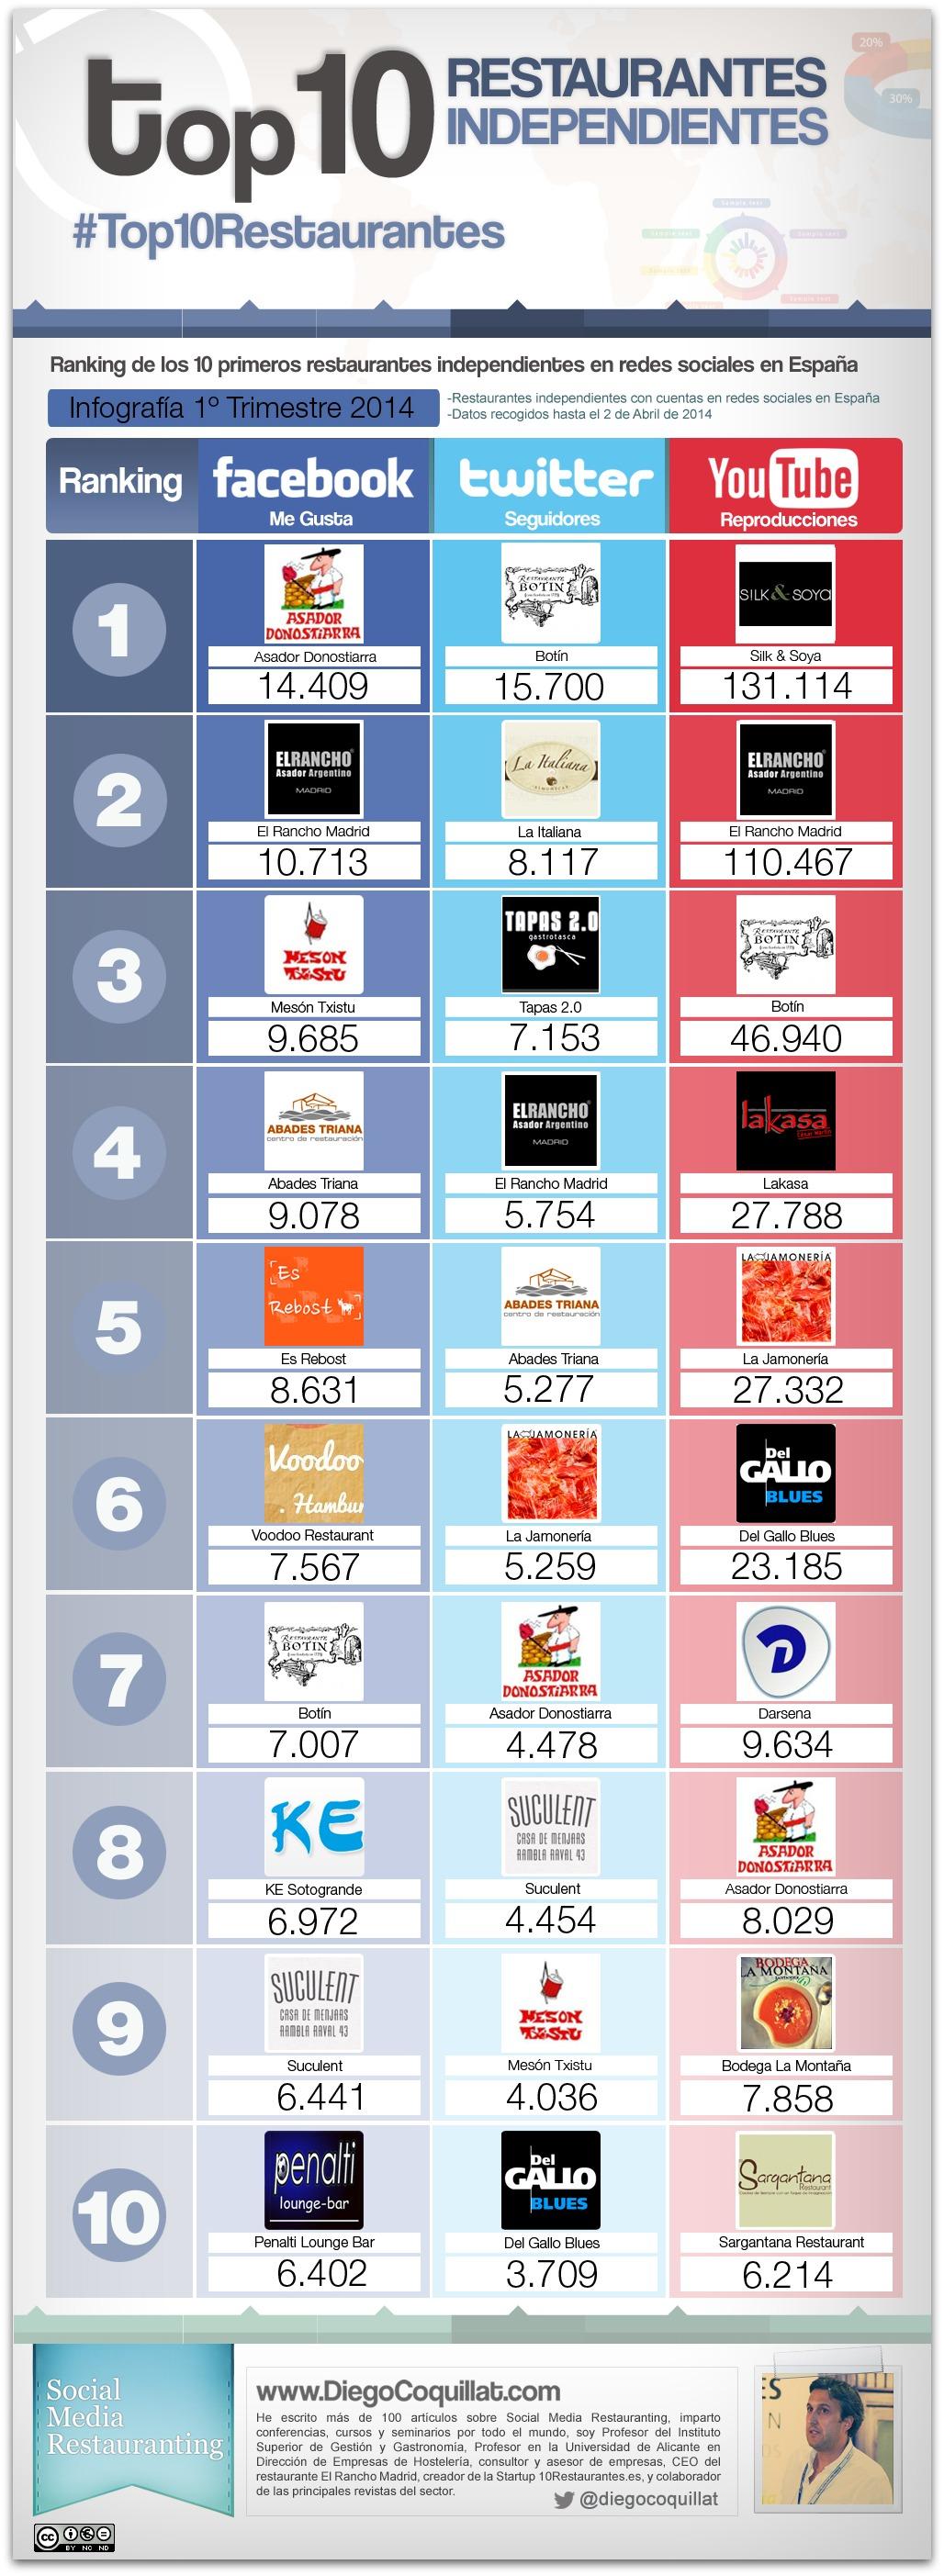 Mejores restaurantes independientes en redes sociales en España